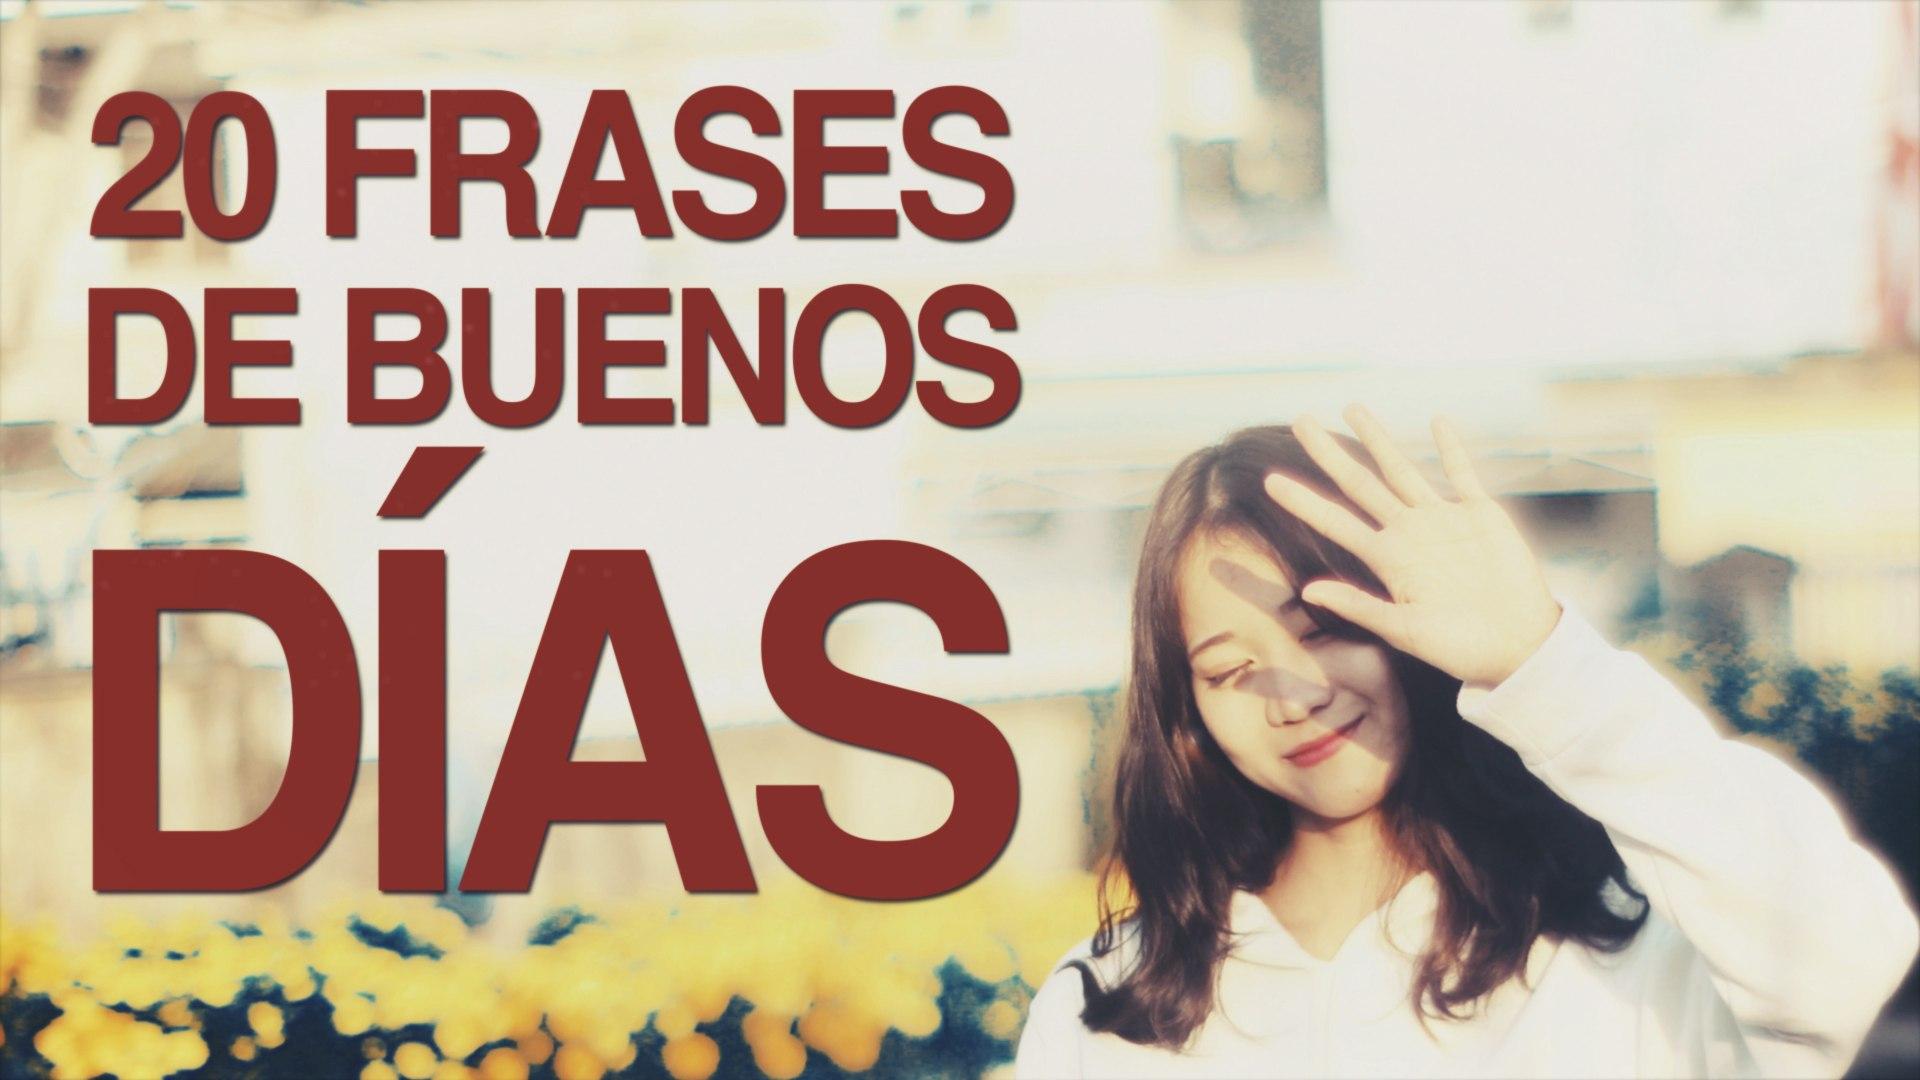 20 Frases De Buenos Dias Para Despertar Bien Cada Manana